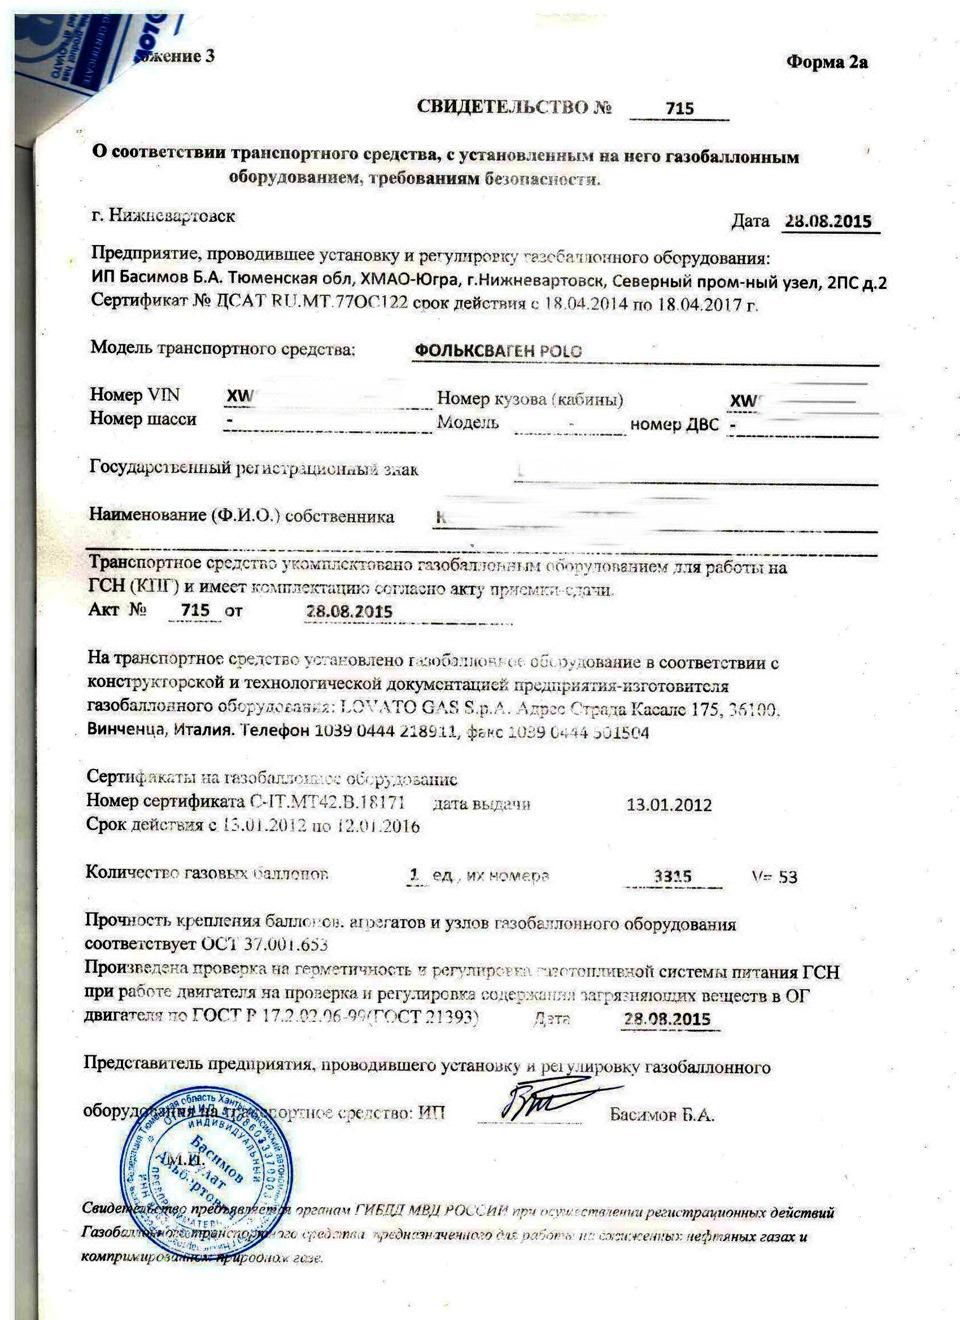 Регистрация 17